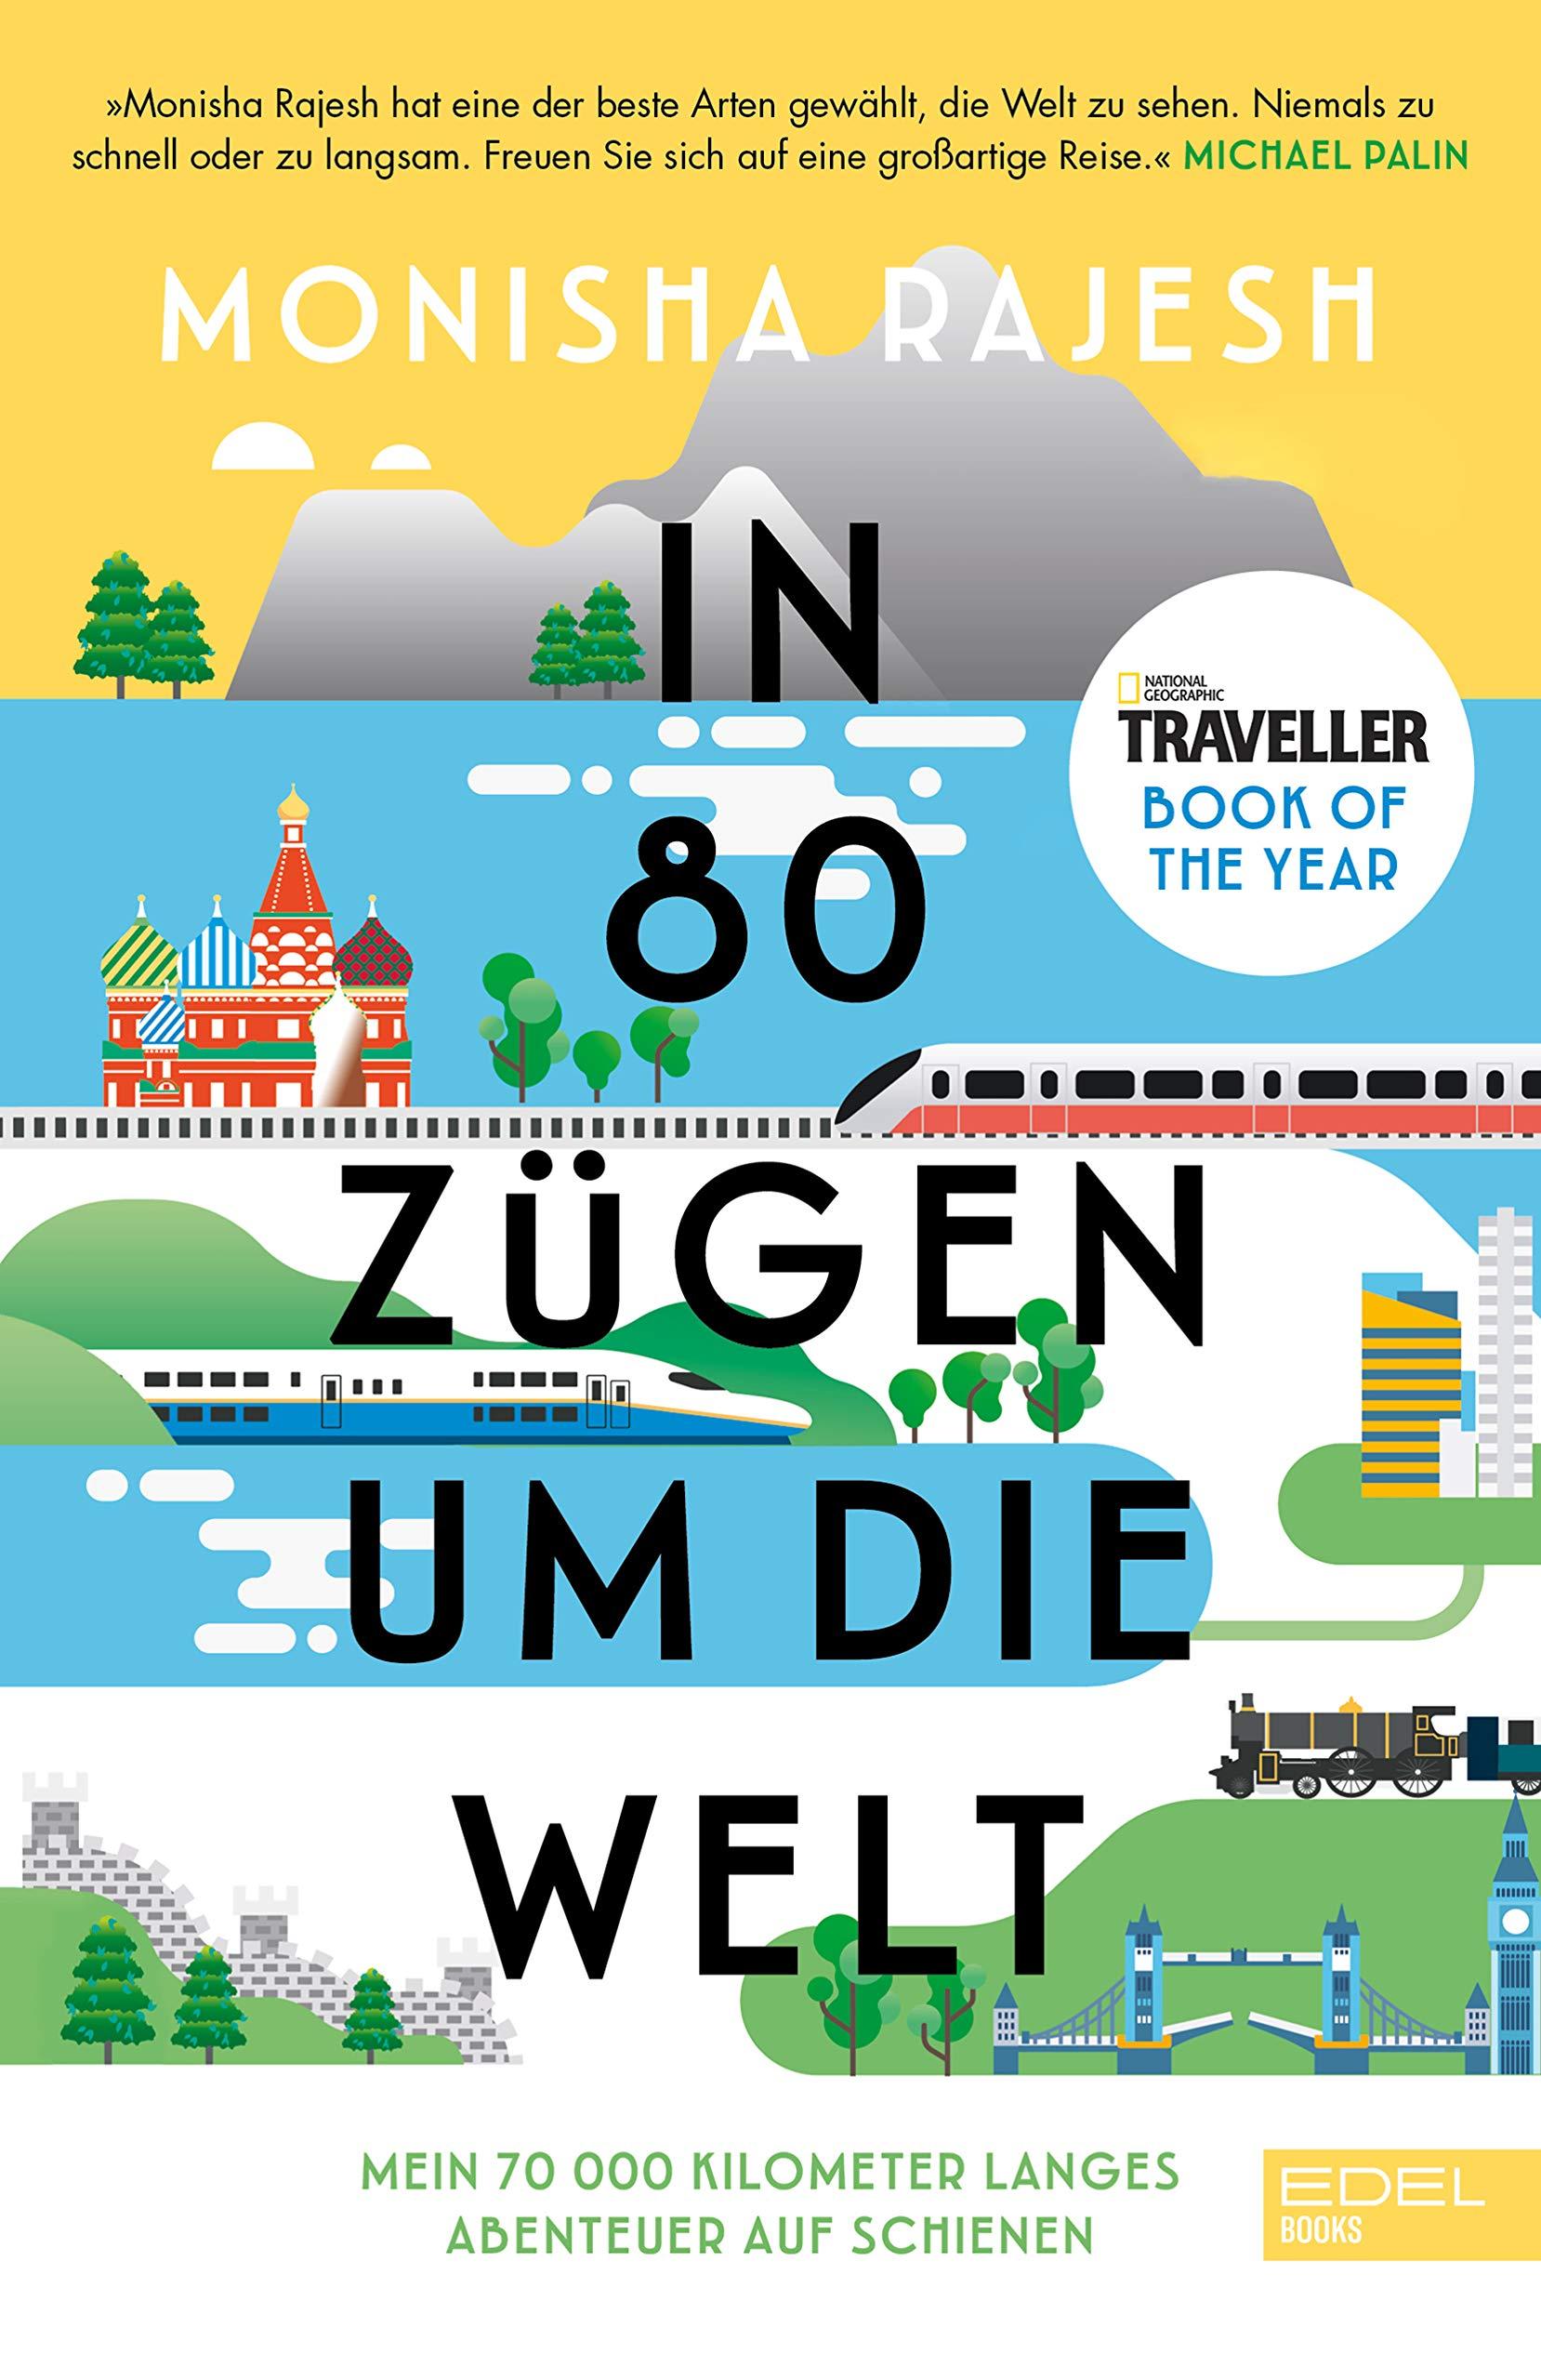 In 80 Zügen um die Welt: Mein 72 000 Kilometer langes Abenteuer auf Schienen. National Geographic Traveller Book of the Year